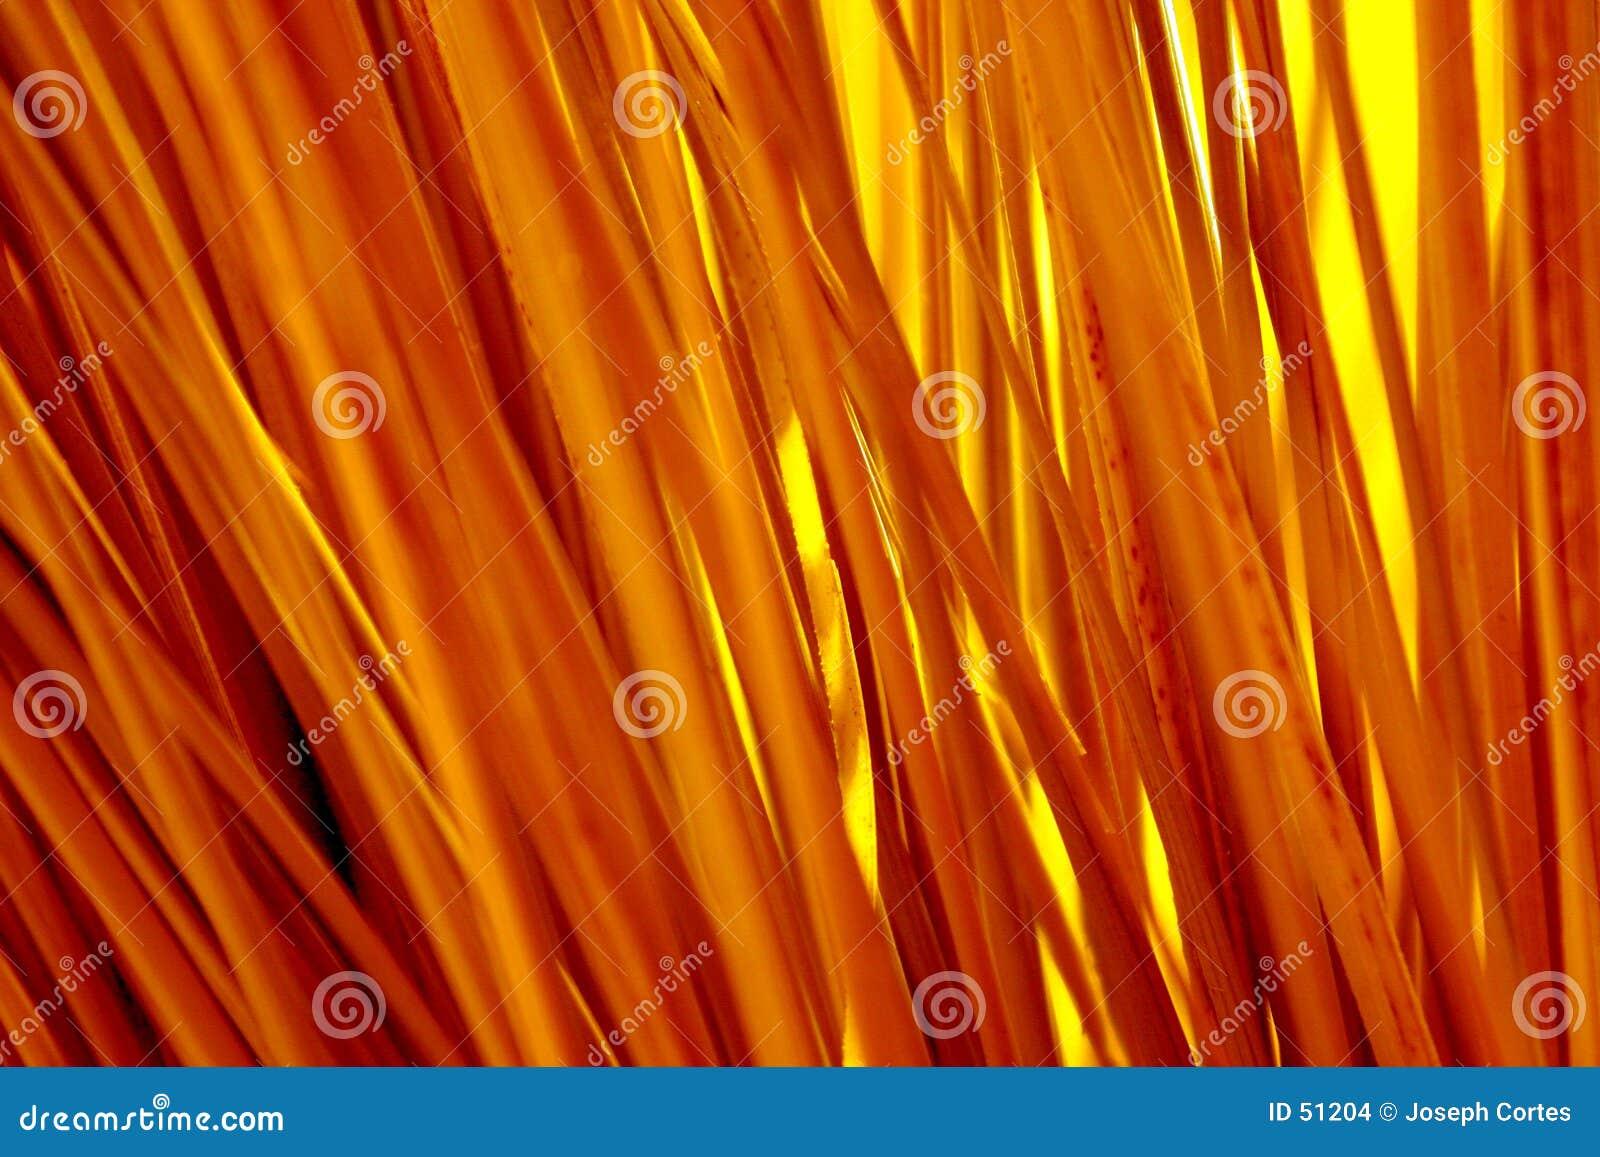 Paja brillante del amarillo del color